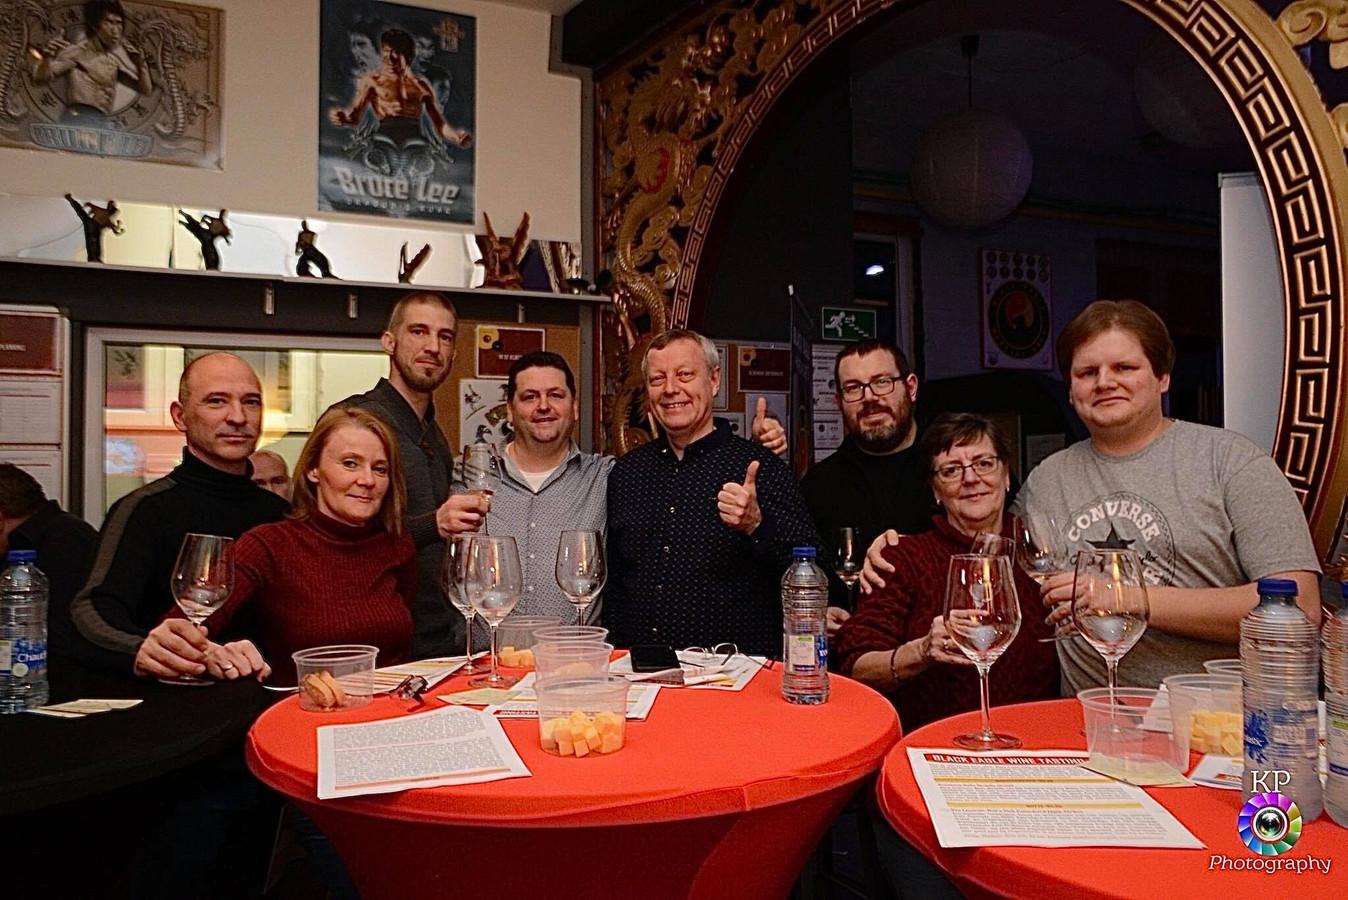 Gevechtskunstenclub Black Eagle Halle organiseerde voor het eerst een wijnproeverij in samenwerking met wijnhandel Belvino.